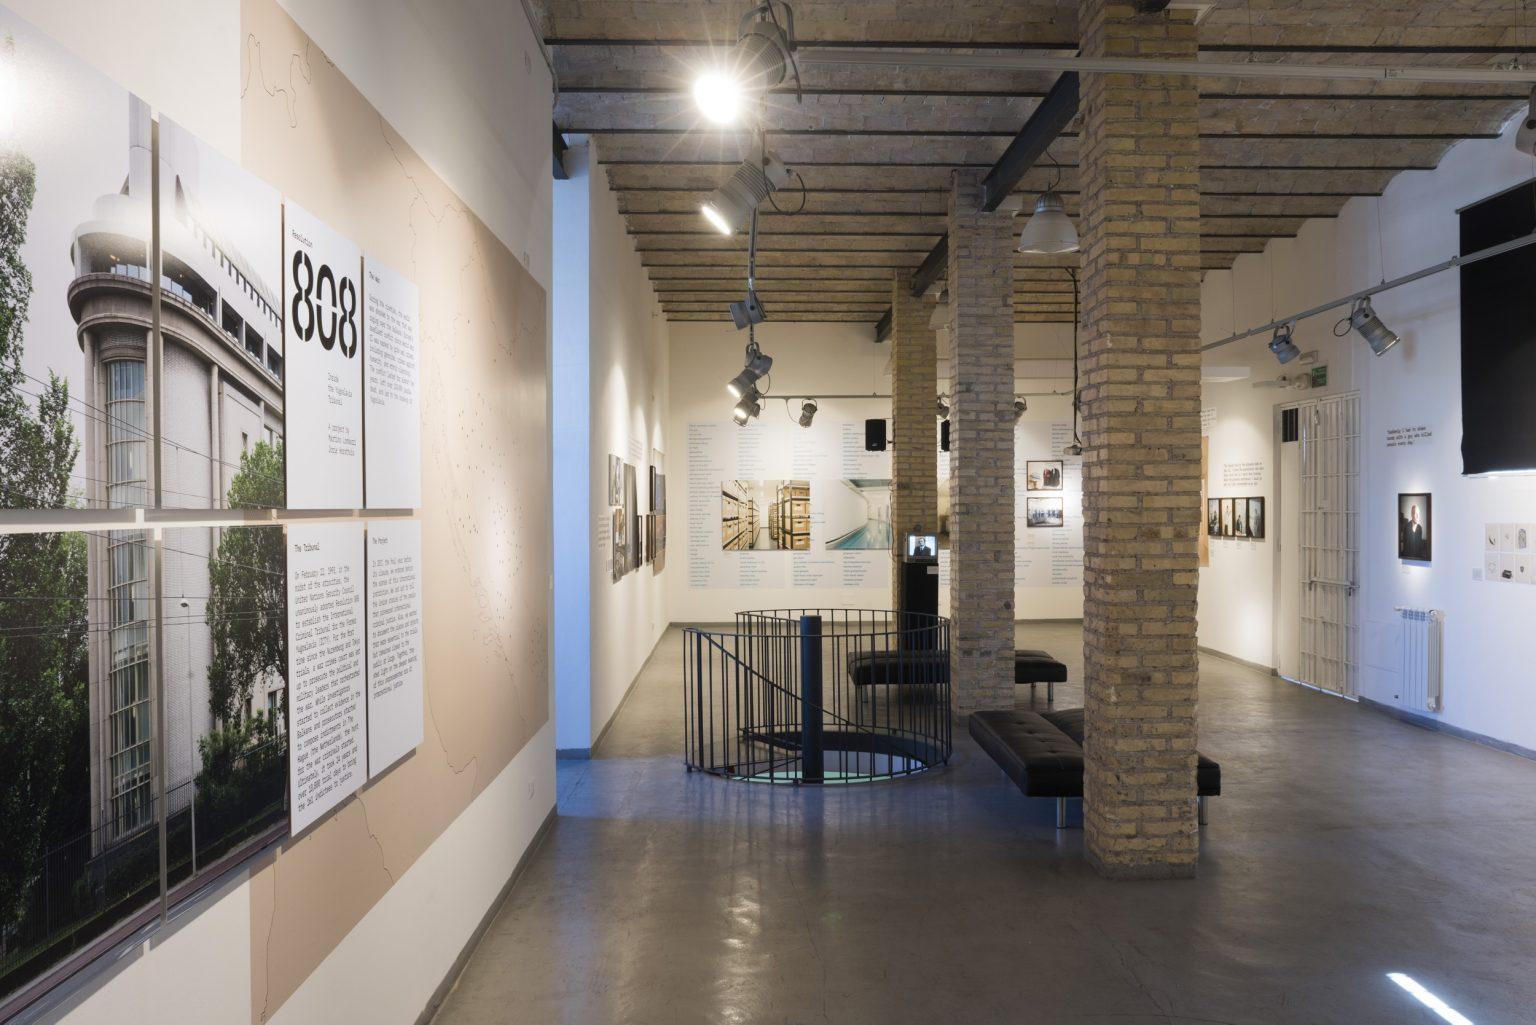 """Officine Fotografiche Roma. Mostra """"Resolution 808. Inside the Yugoslavia tribunal"""" di Martino Lombezzi e Jorie Horsthuis."""